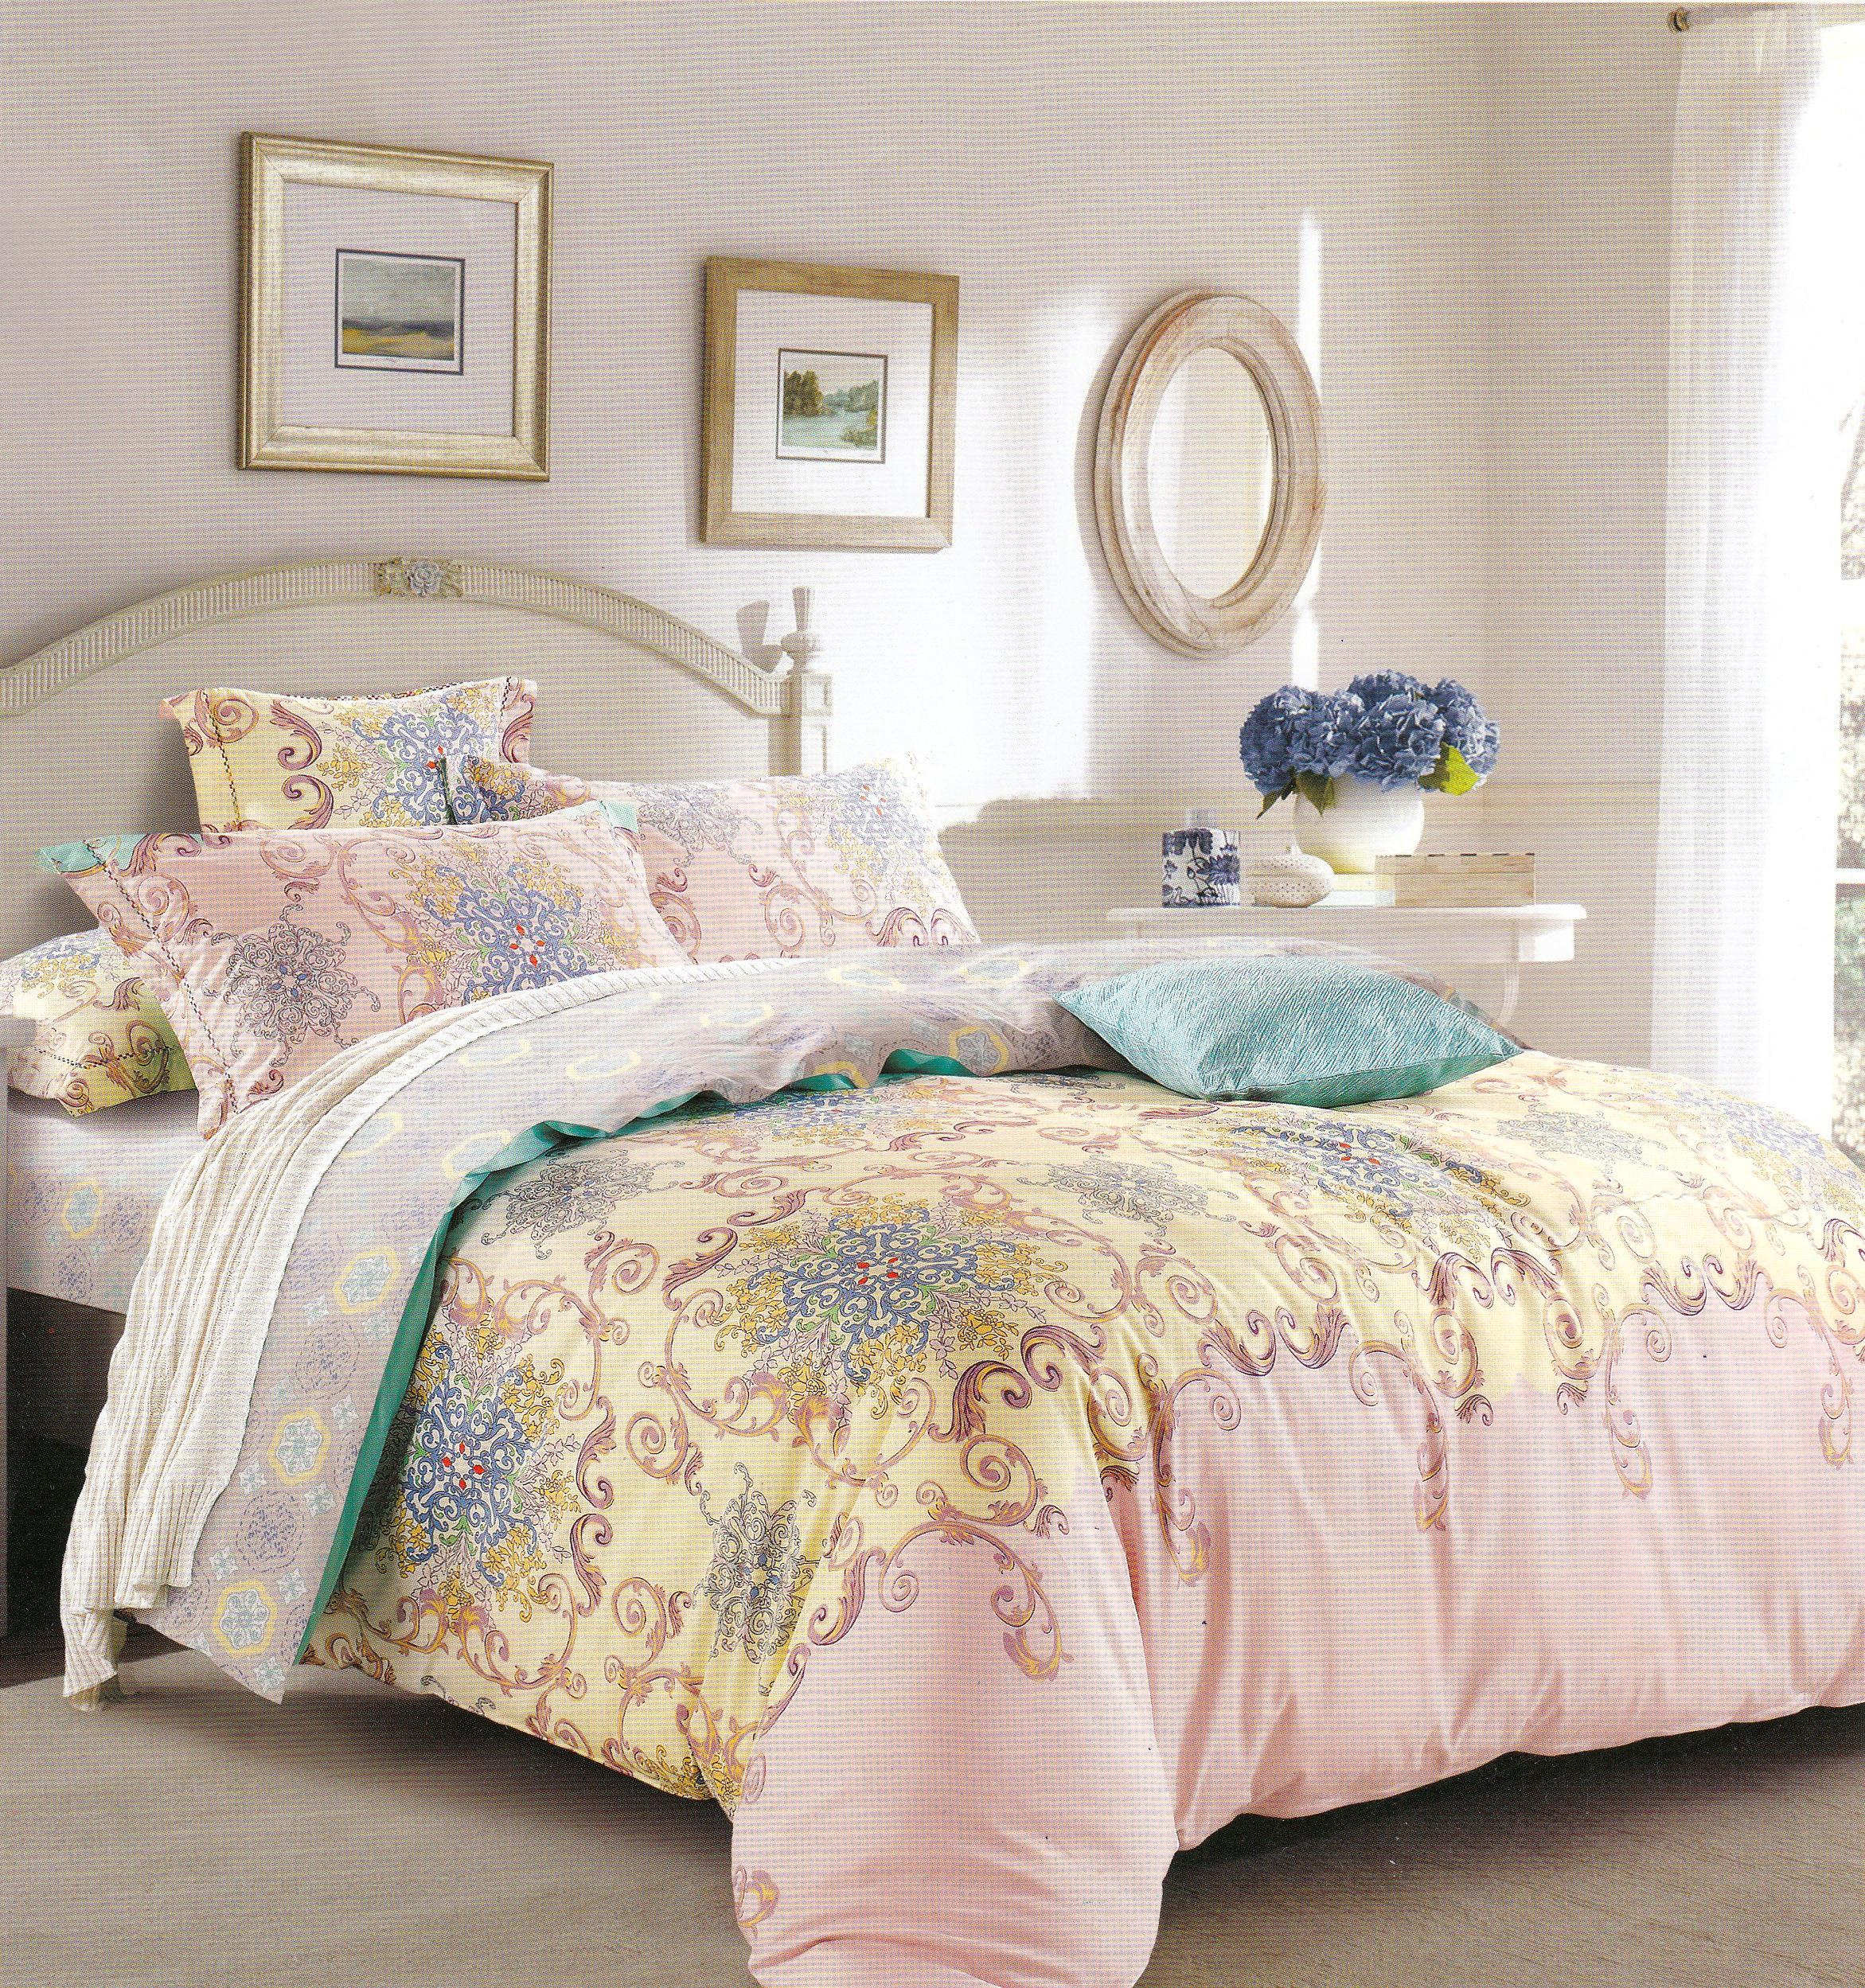 Комплекты постельного белья DO'n'CO, Постельное белье Vespa (2 сп. евро), Турция, Желтый, Розовый, Хлопковый сатин  - Купить